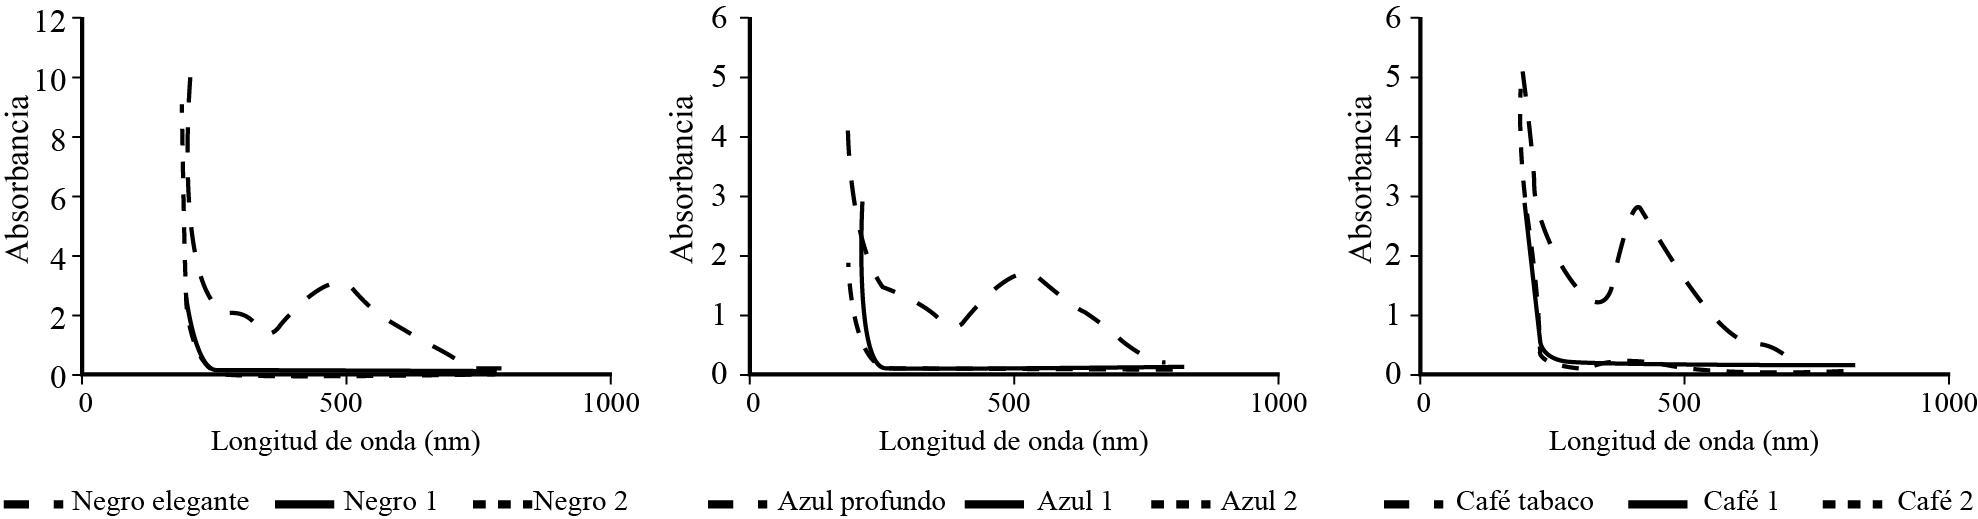 Espectrogramas de los colorantes negro elegante, azul profundo y café tabaco antes y después de someterlos a la prueba de coagulación-floculación.